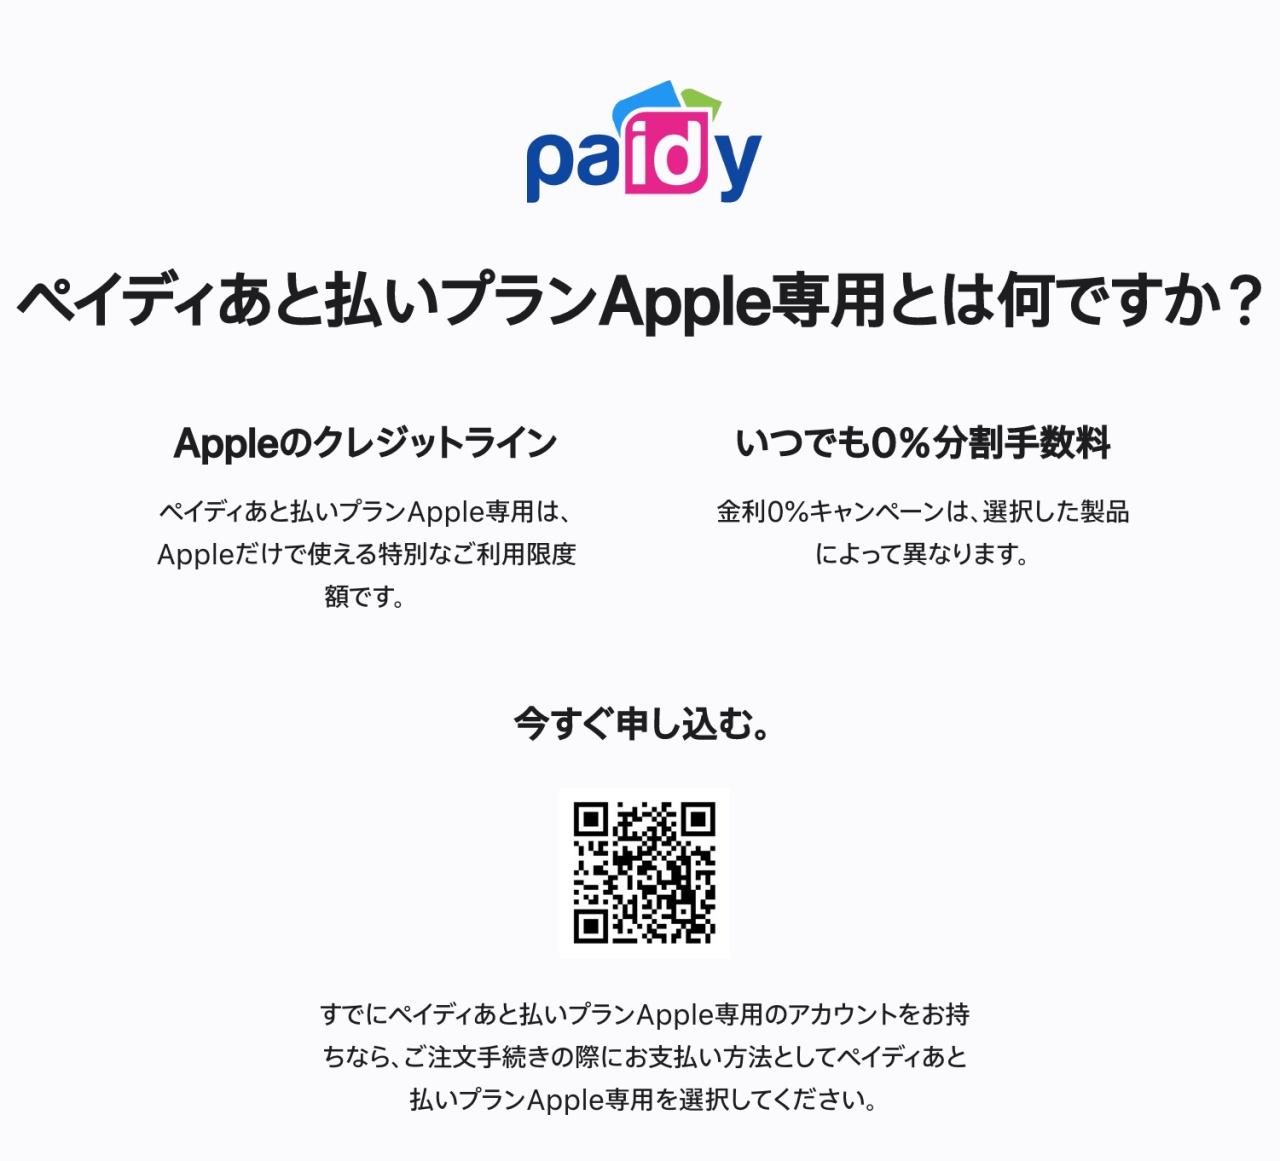 Apple  Paidy